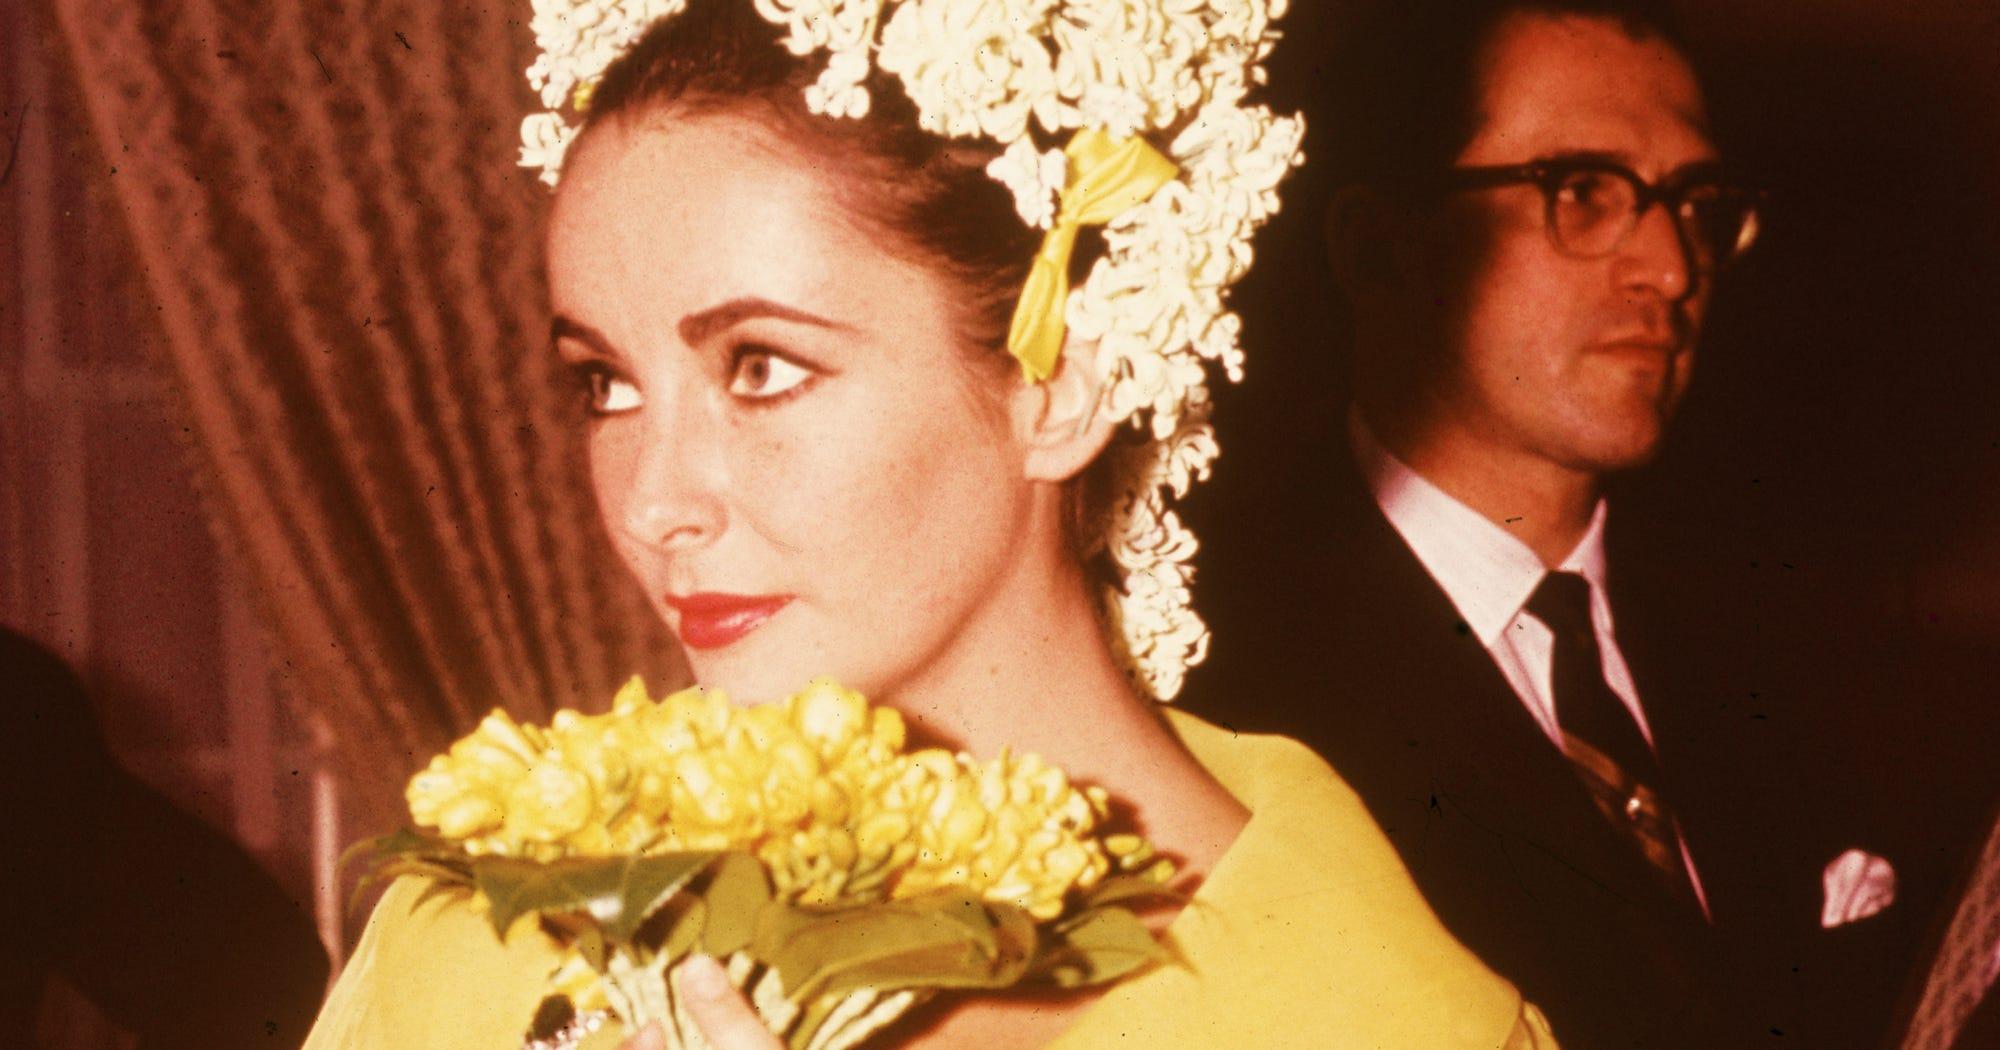 Elizabeth taylor birthday wedding dresses